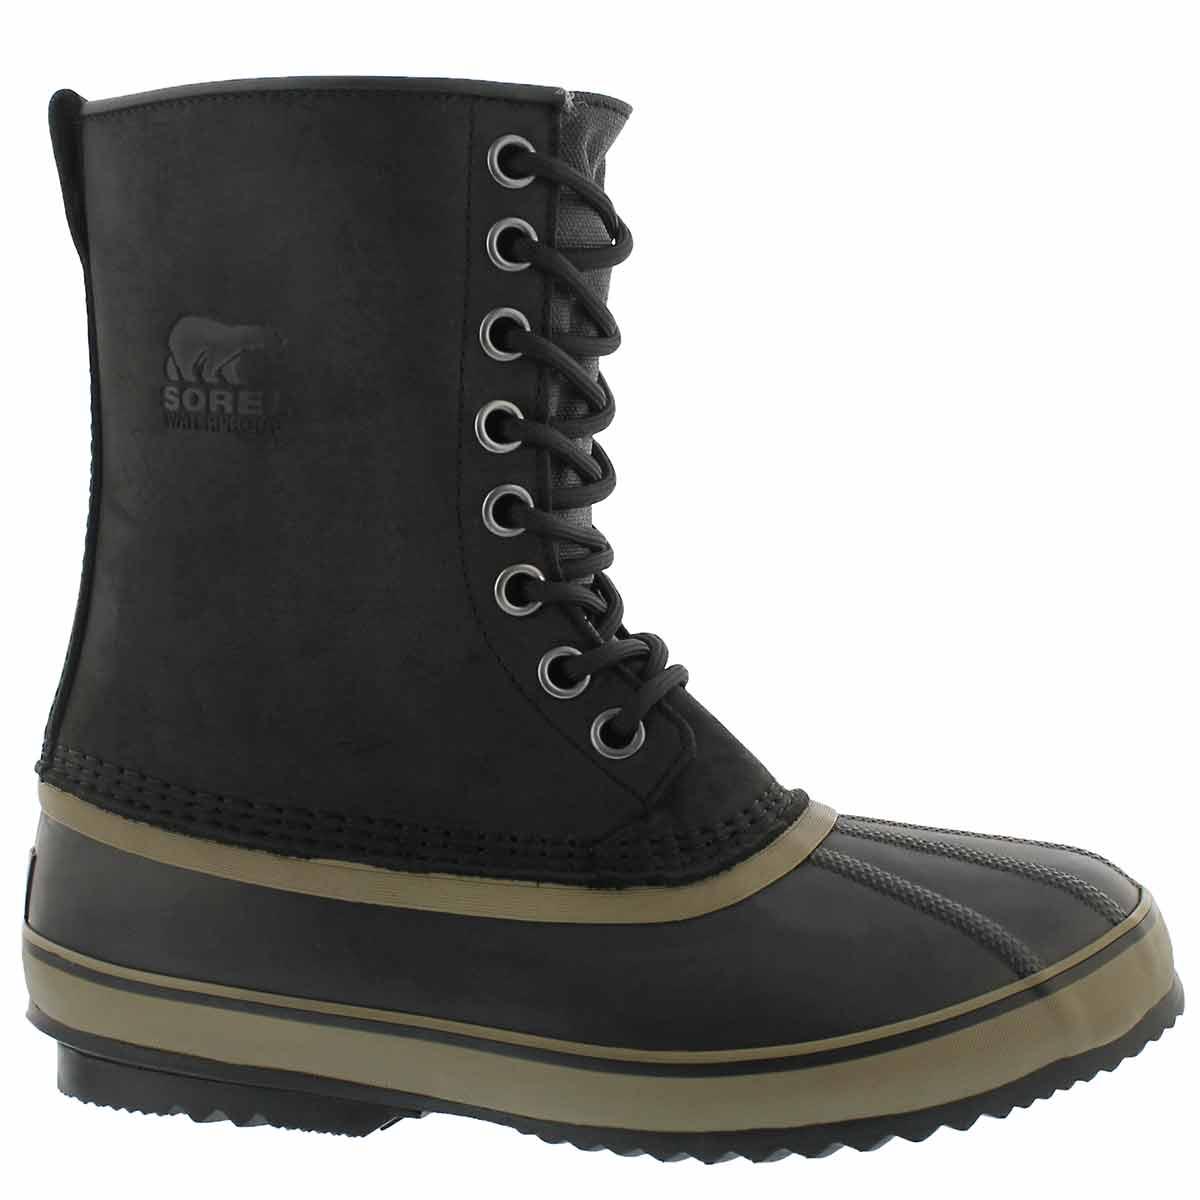 Men's 1964 PREMIUM black waterproof winter boots